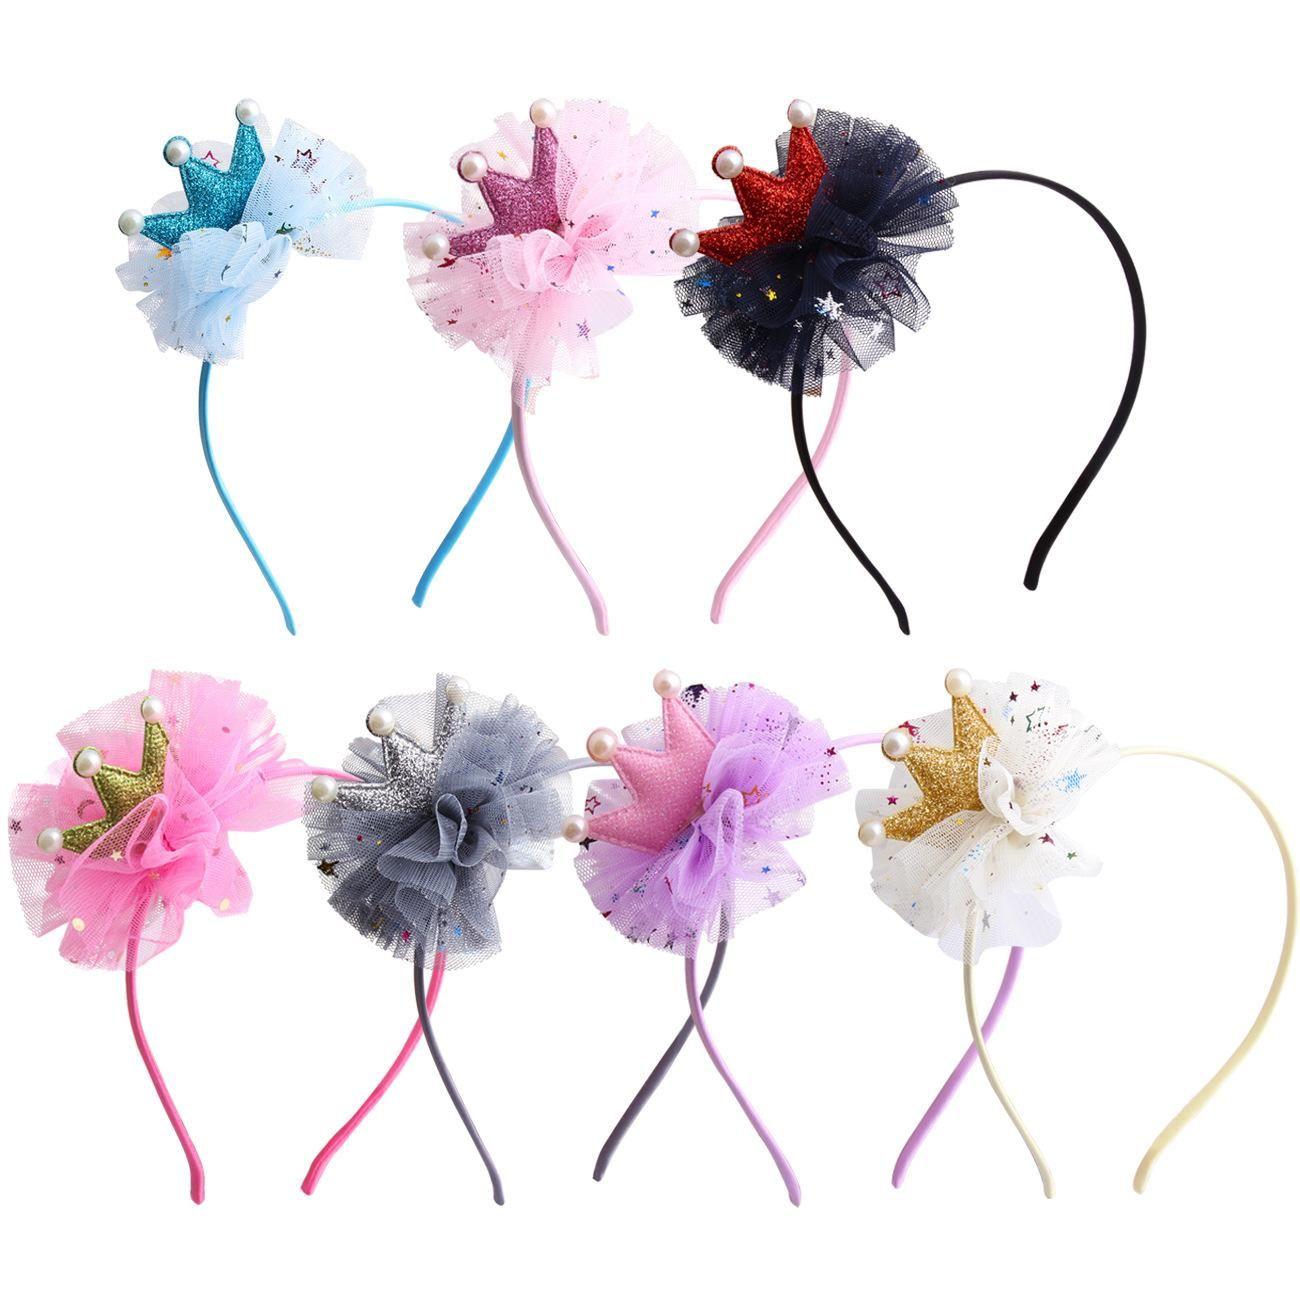 لطيف فتاة ولي العهد الأزياء hairband الاطفال الأميرة زهرة Hairwear الطفل الشريط العصابة حزب الأطفال إكسسوارات الشعر TTA1648